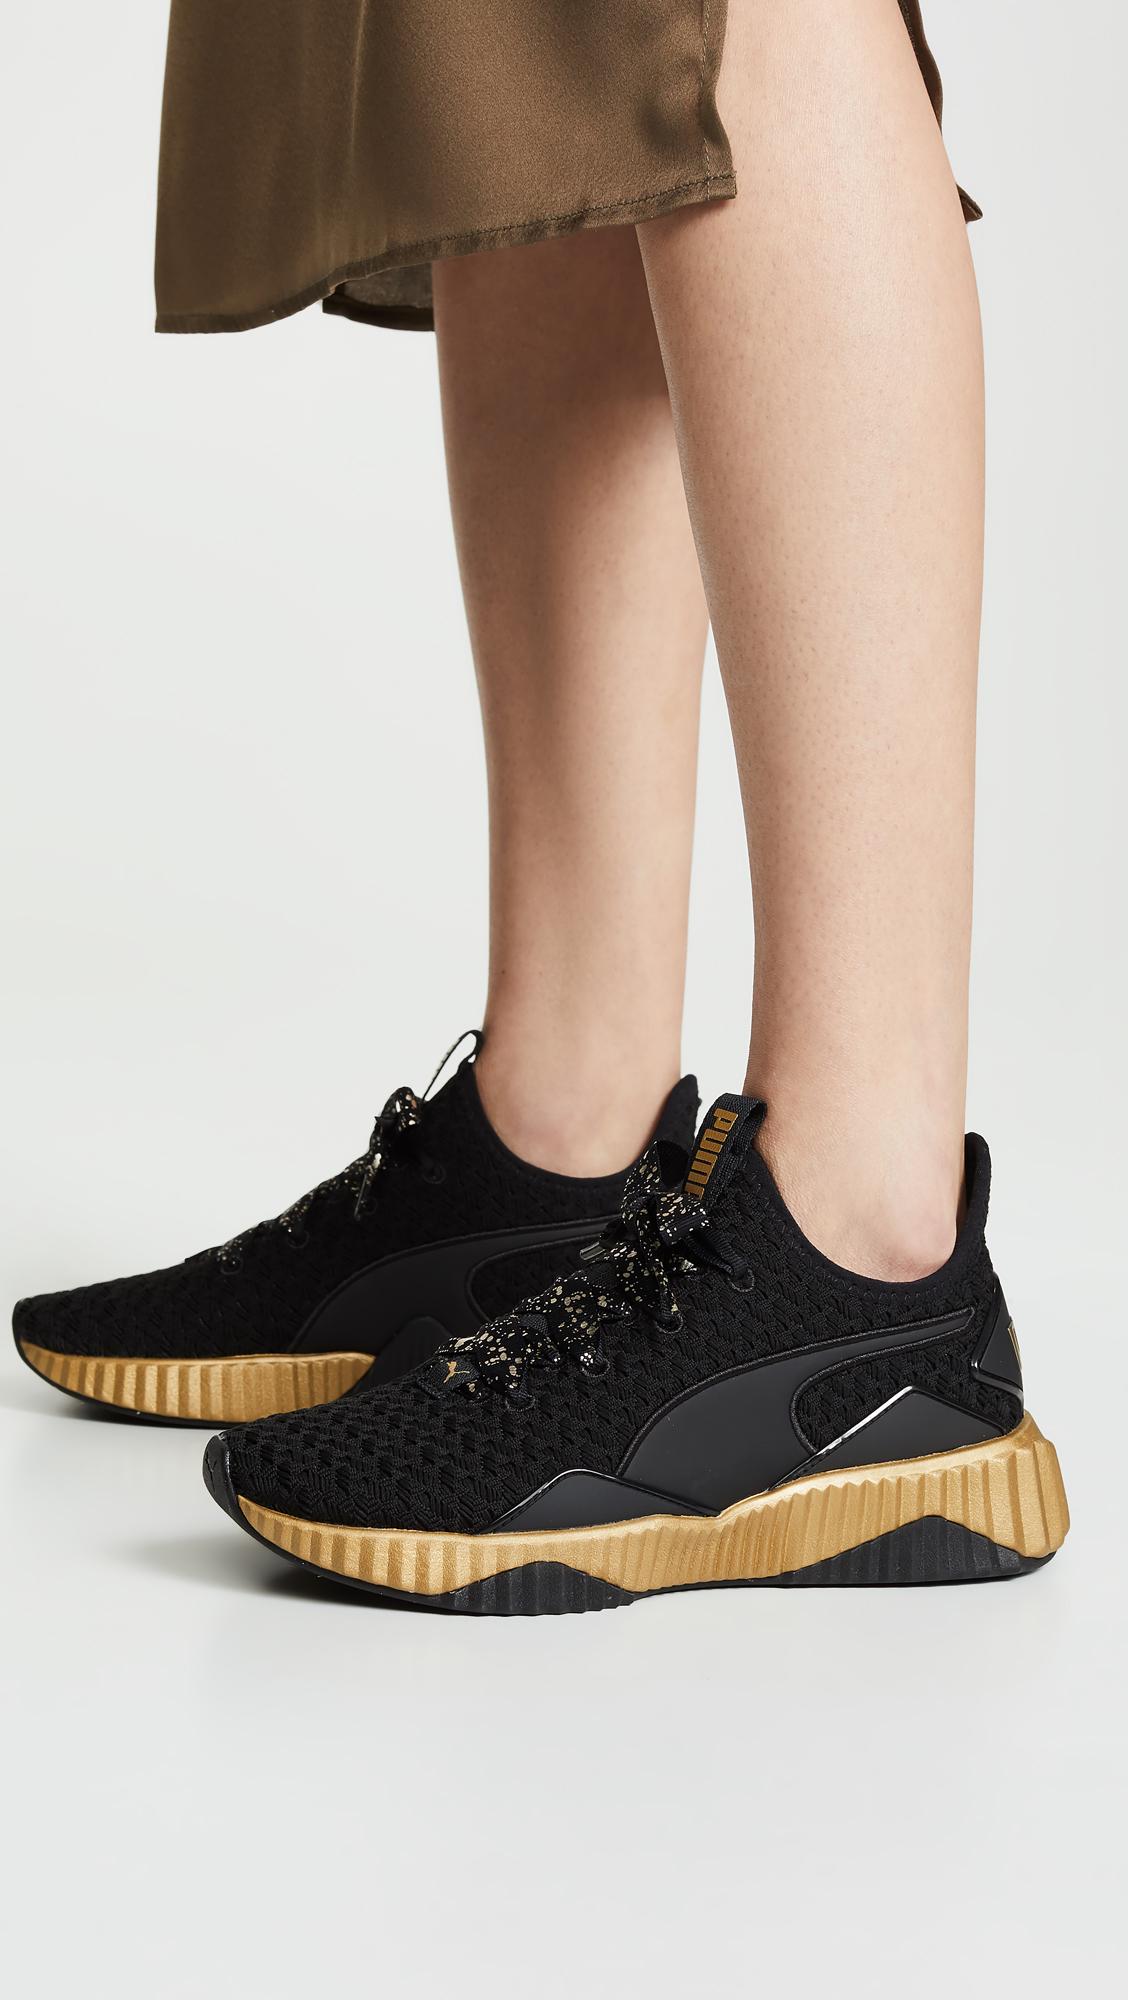 PUMA Defy Sparkle Sneakers  66eee7c5b